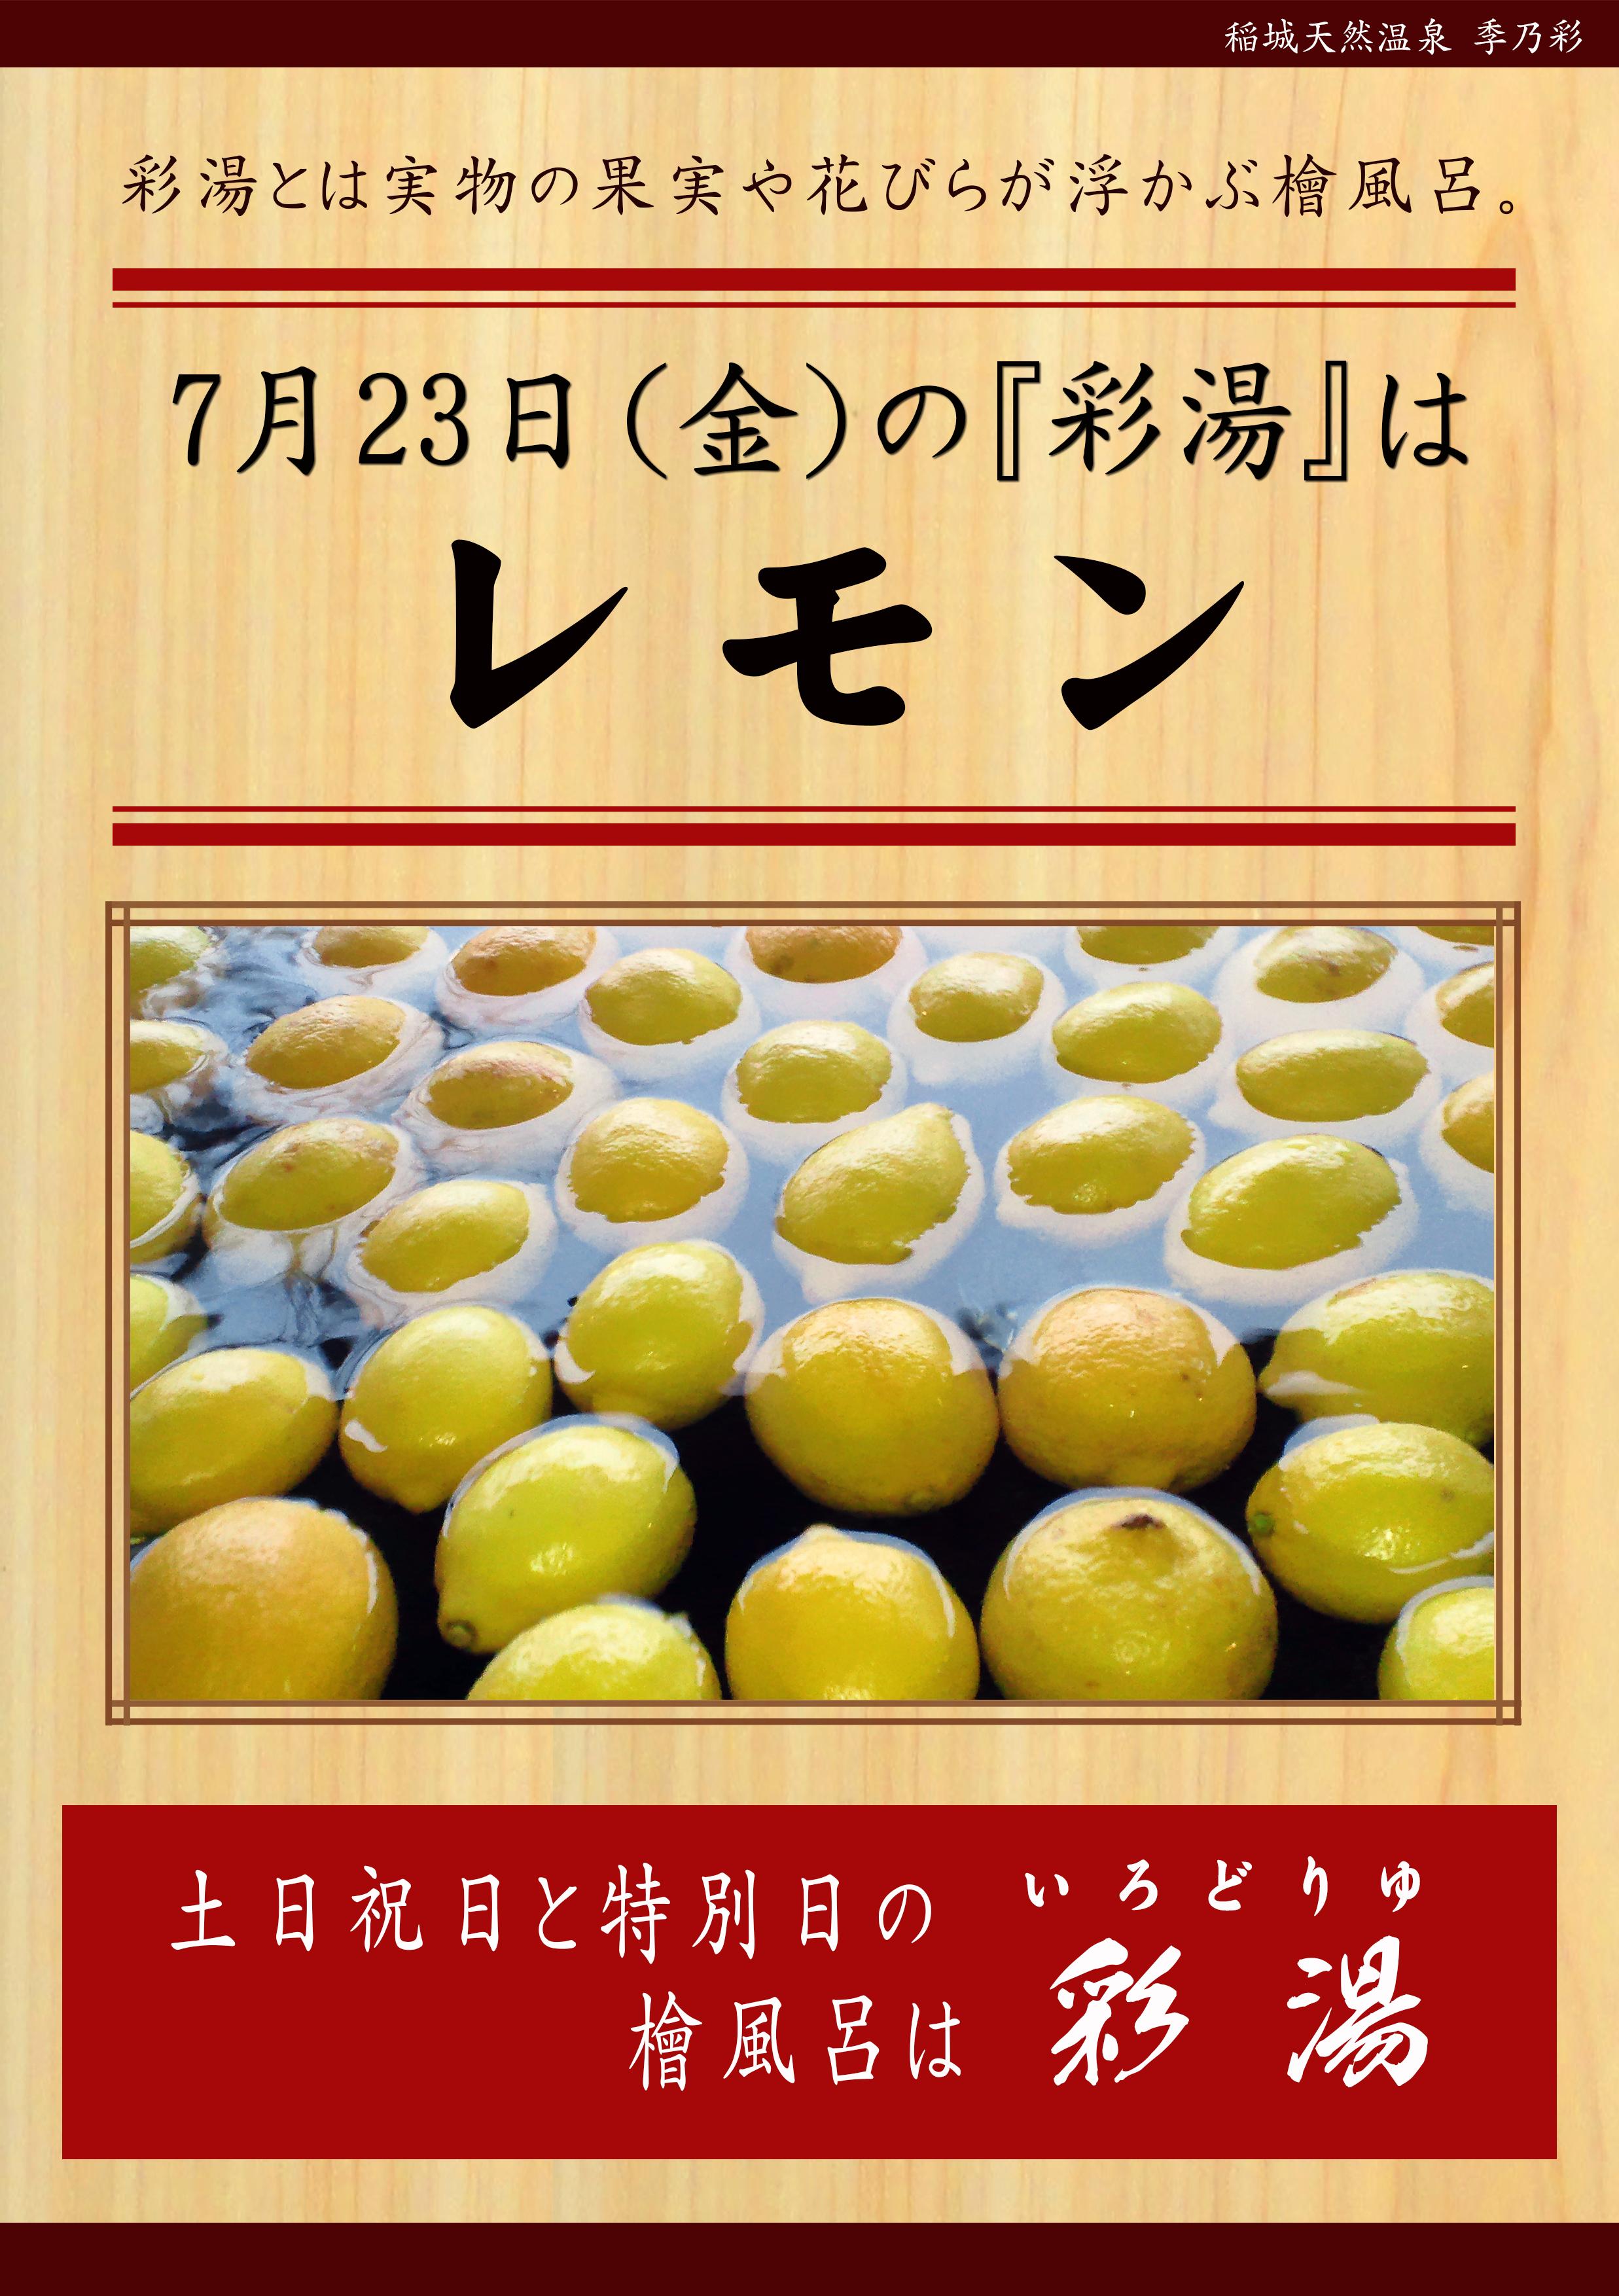 20210723 POP イベント 彩湯 レモン